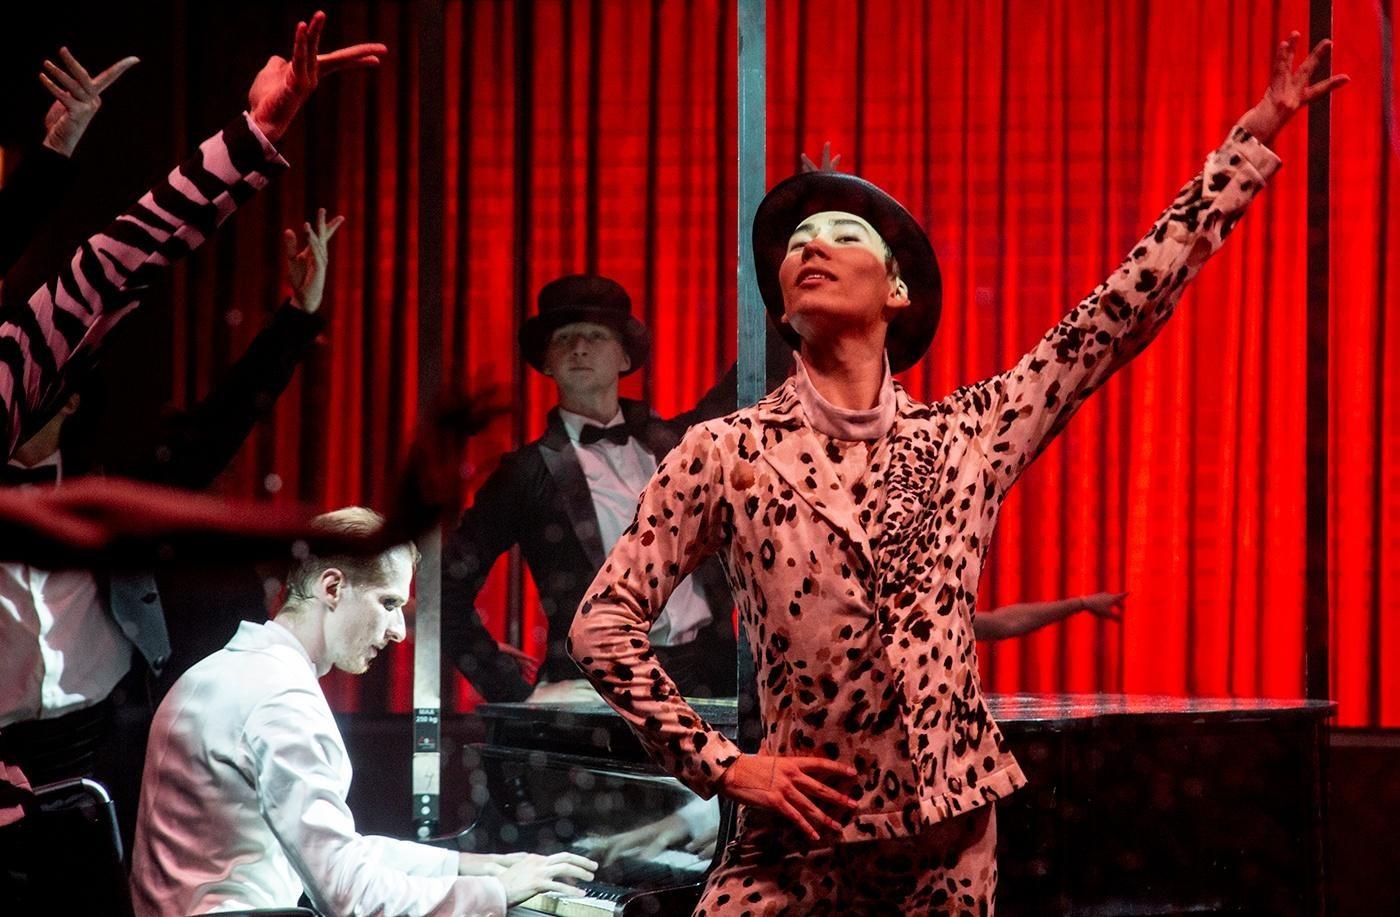 Балет «Карнавал» в Детском музыкальном театре им. Н. И. Сац – события на сайте «Московские Сезоны»